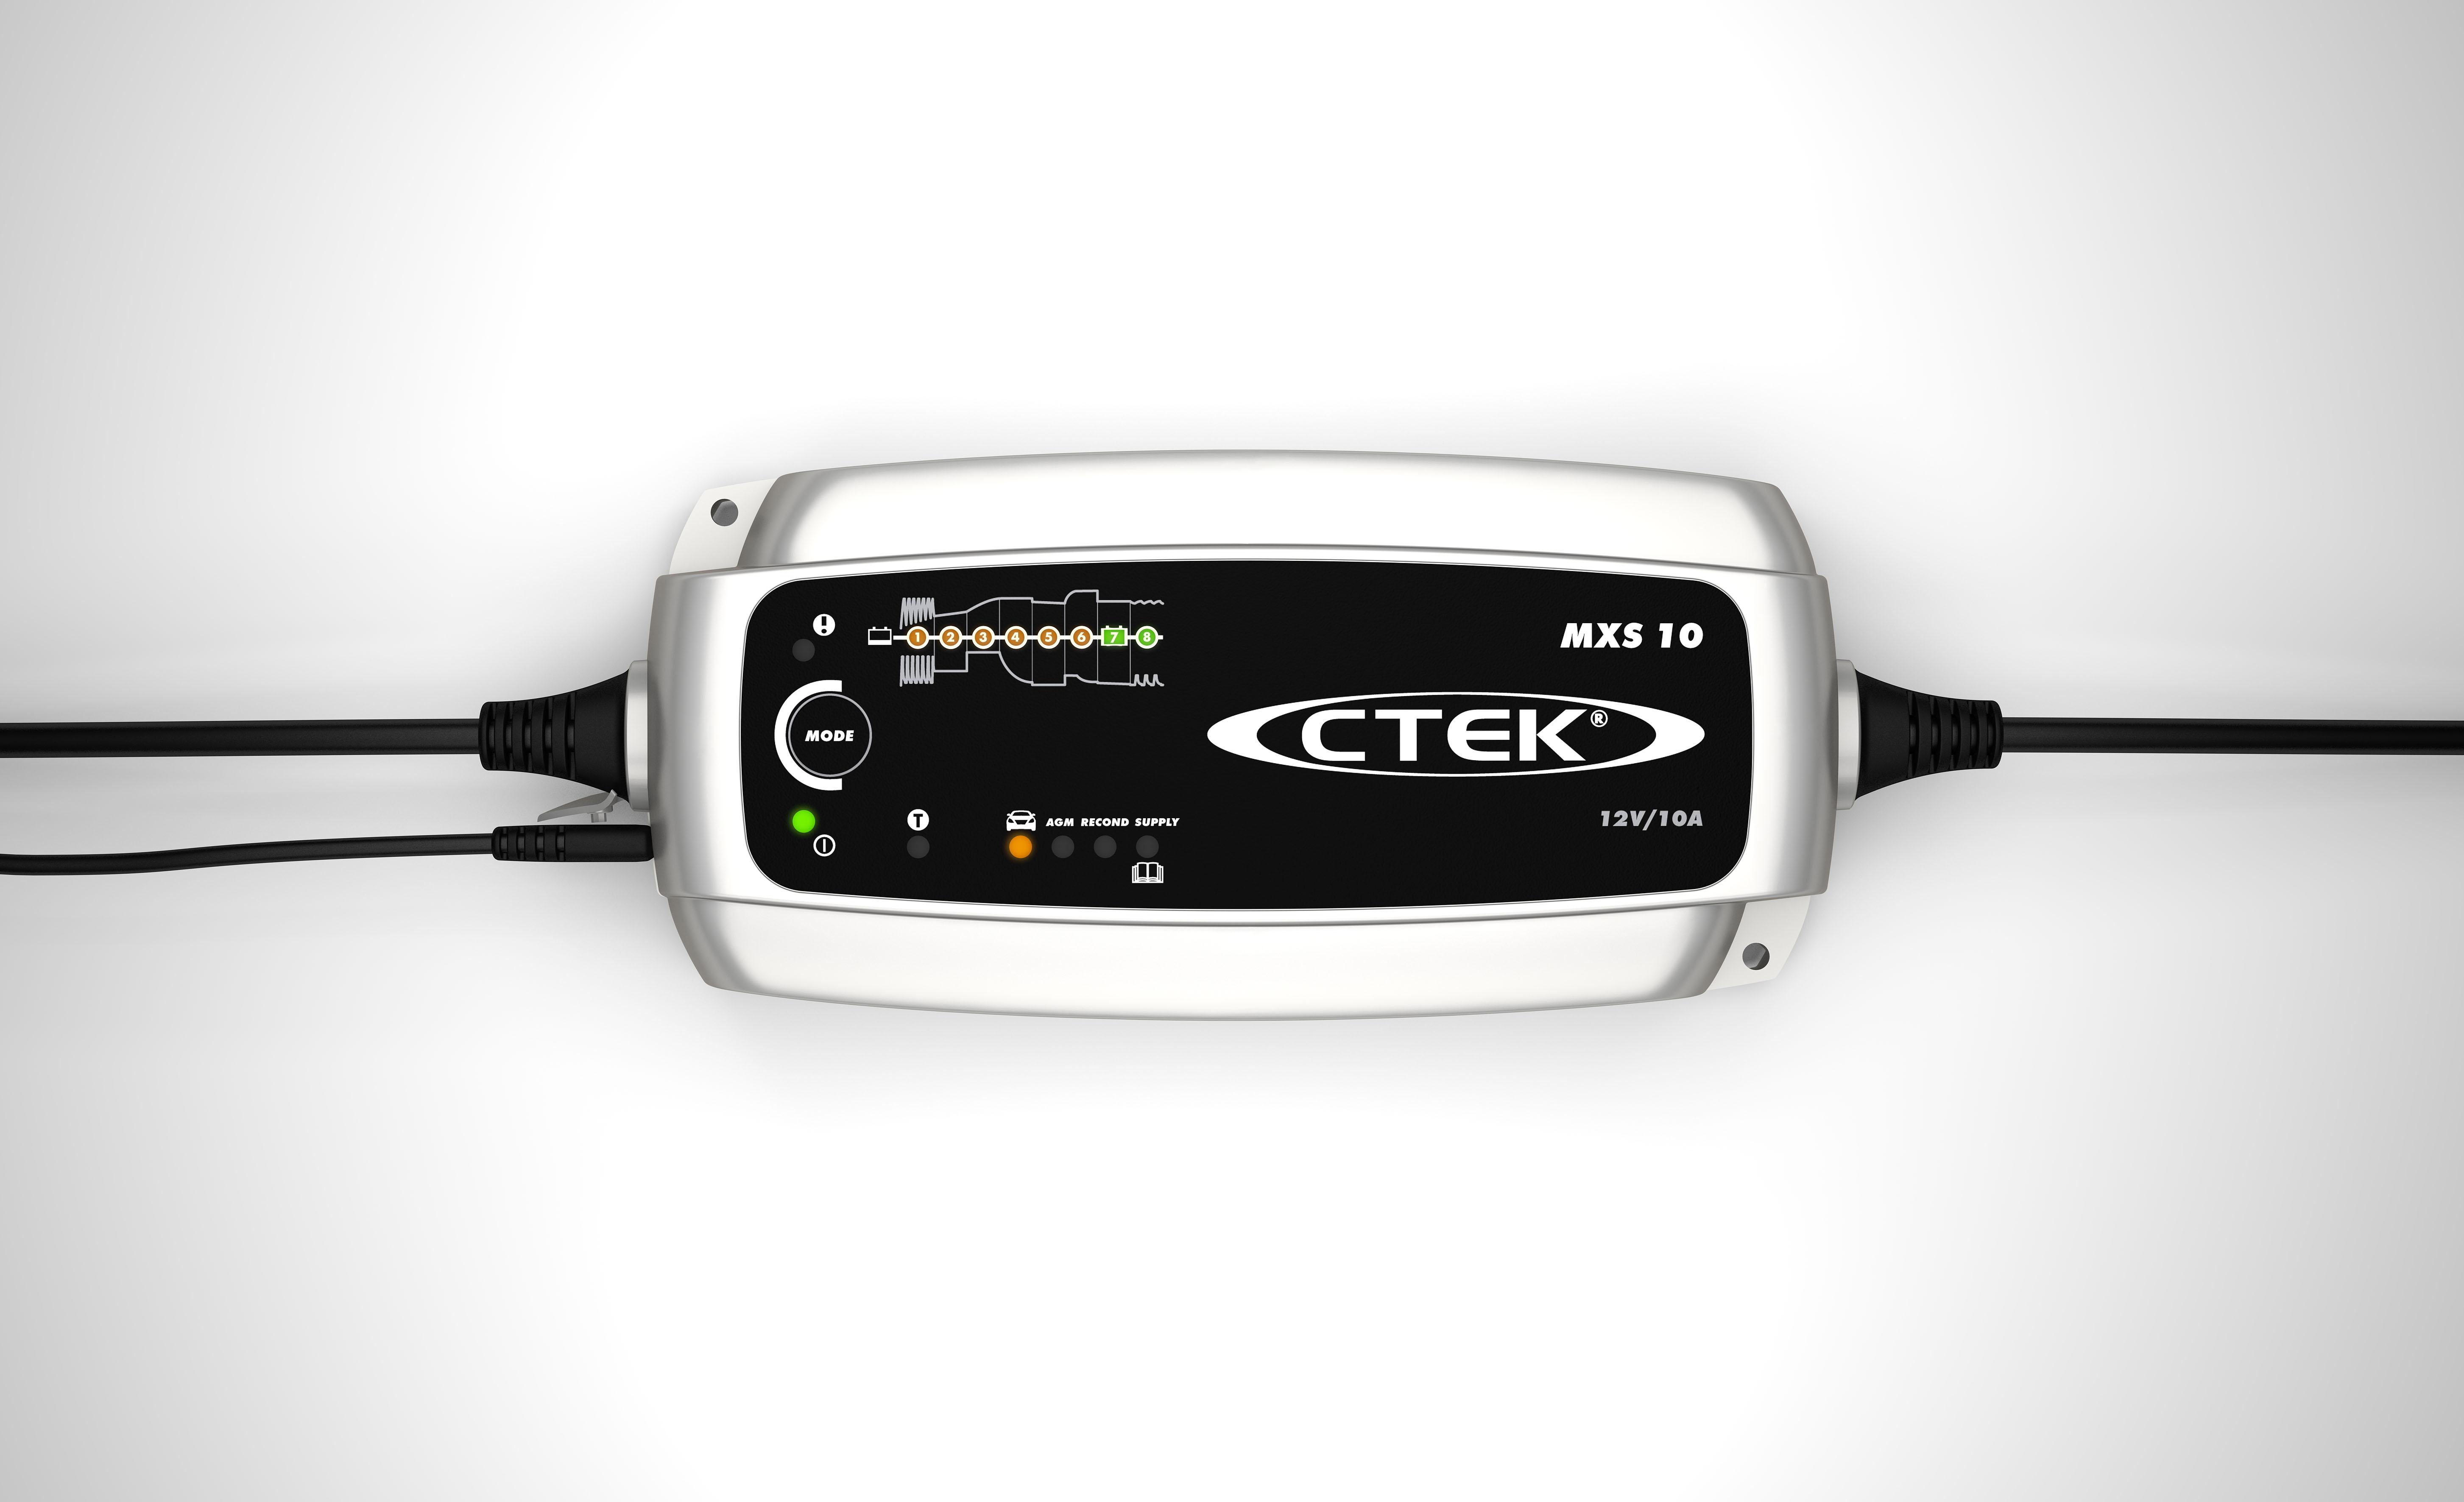 เครื่องชาร์จแบตเตอรี่อัจฉริยะ CTEK รุ่น MXS 10